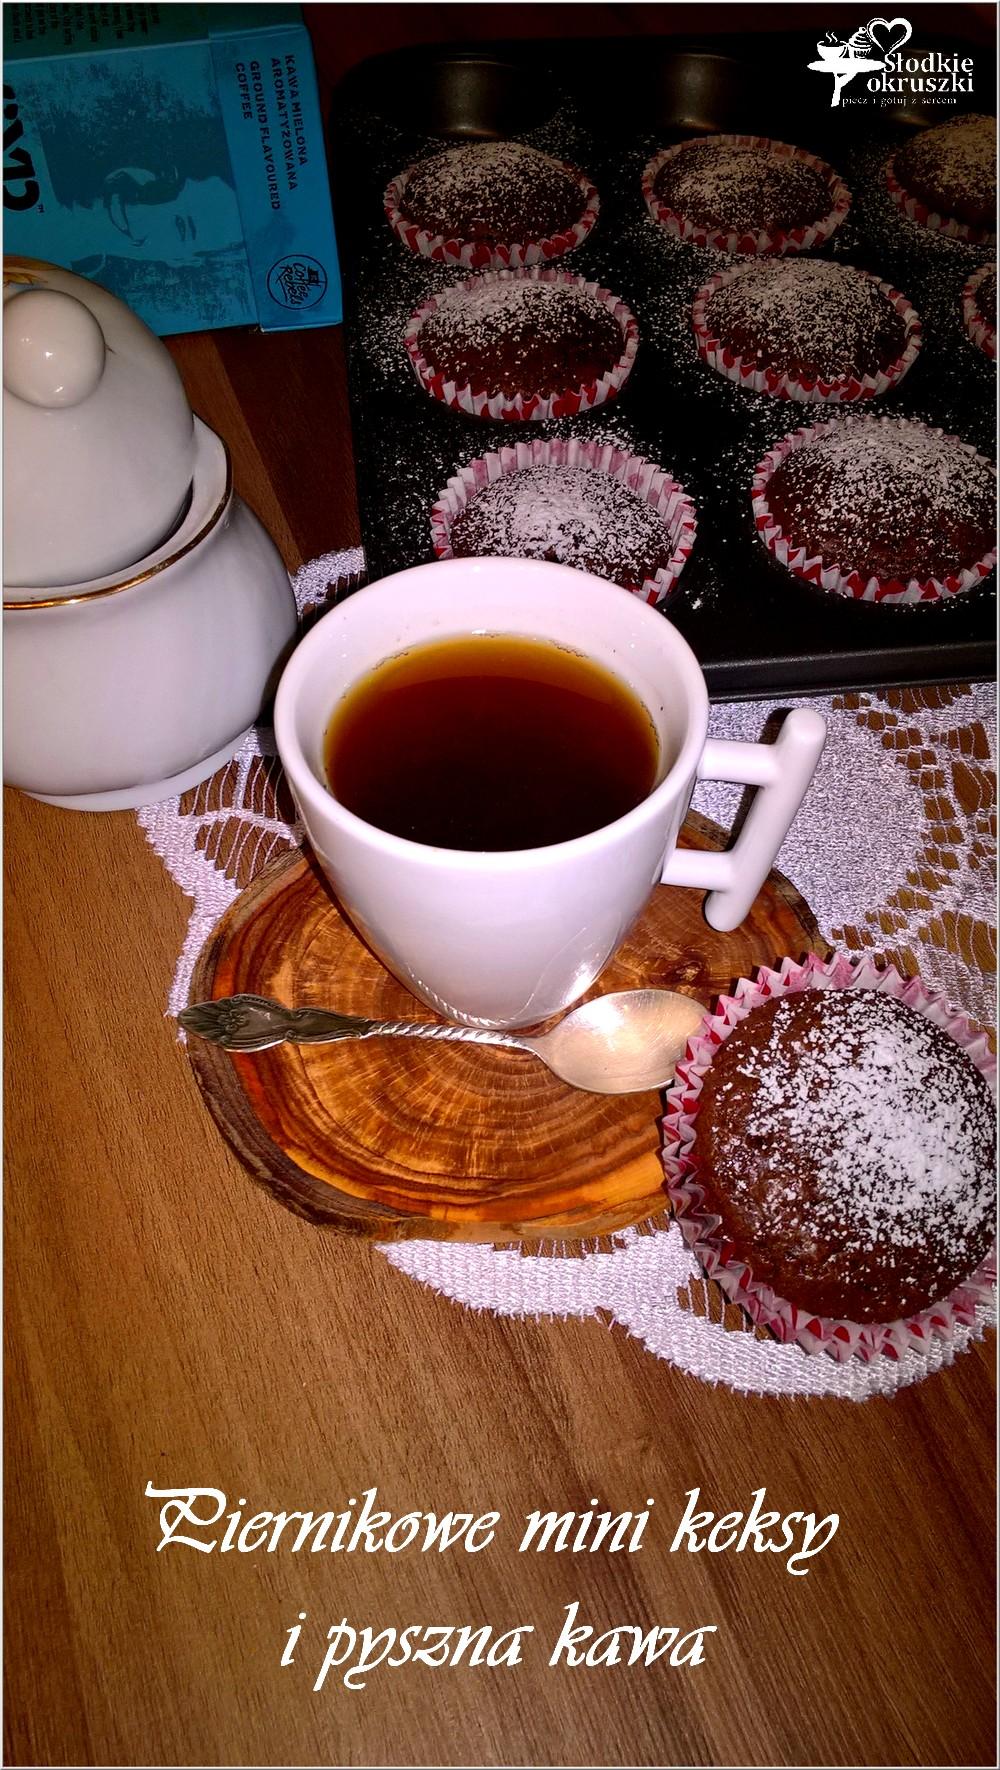 Piernikowe mini keksy i pyszna kawa (4)